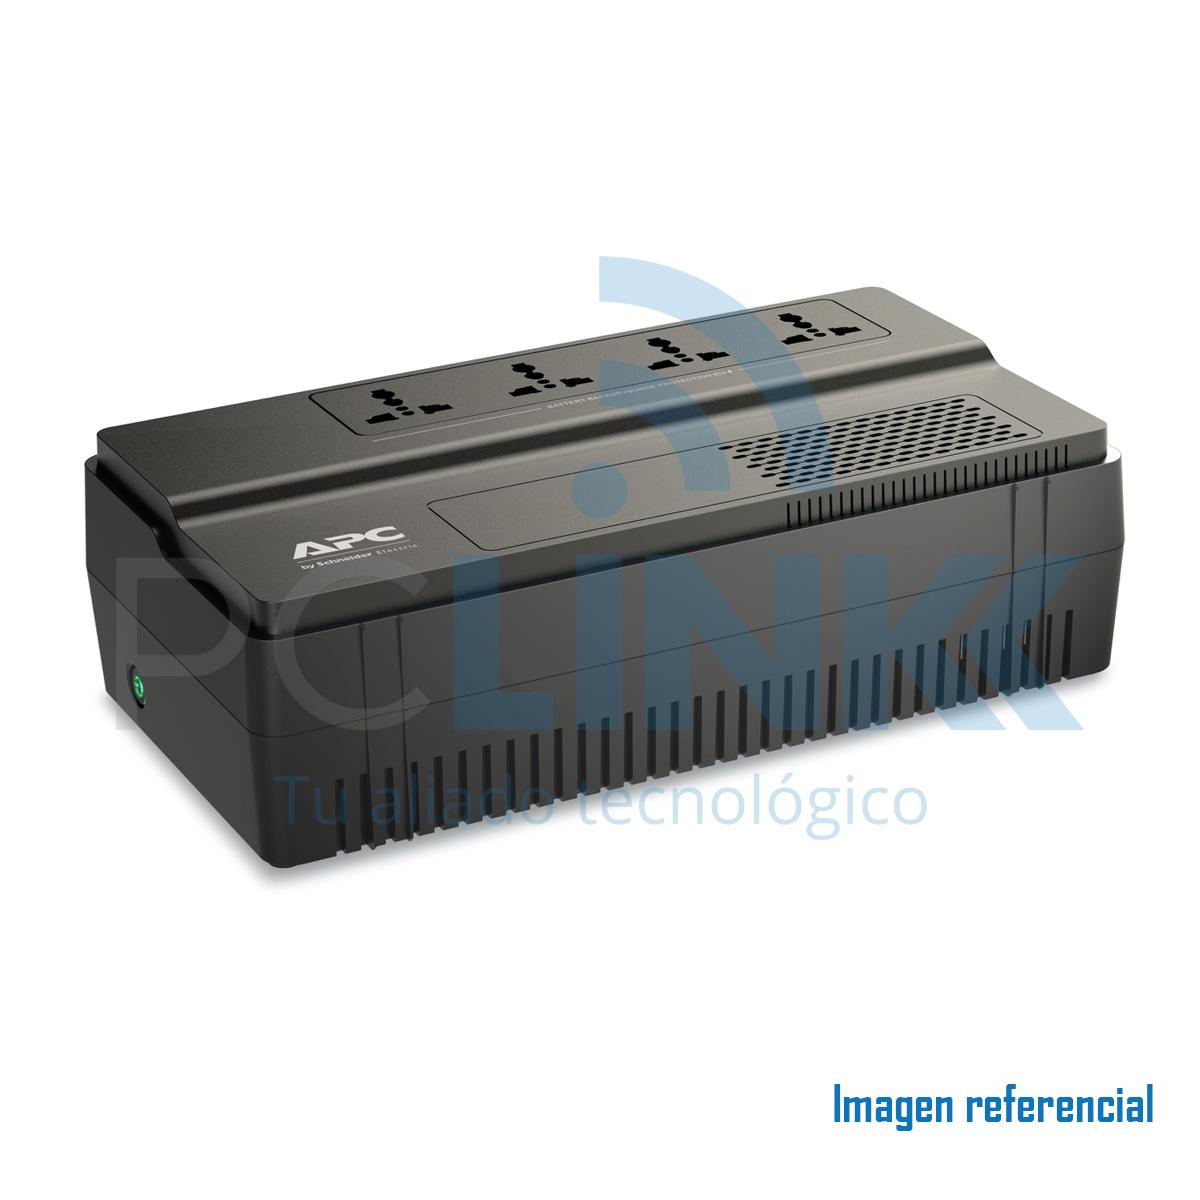 UPS BV500I-MS APC Back-UPS BV